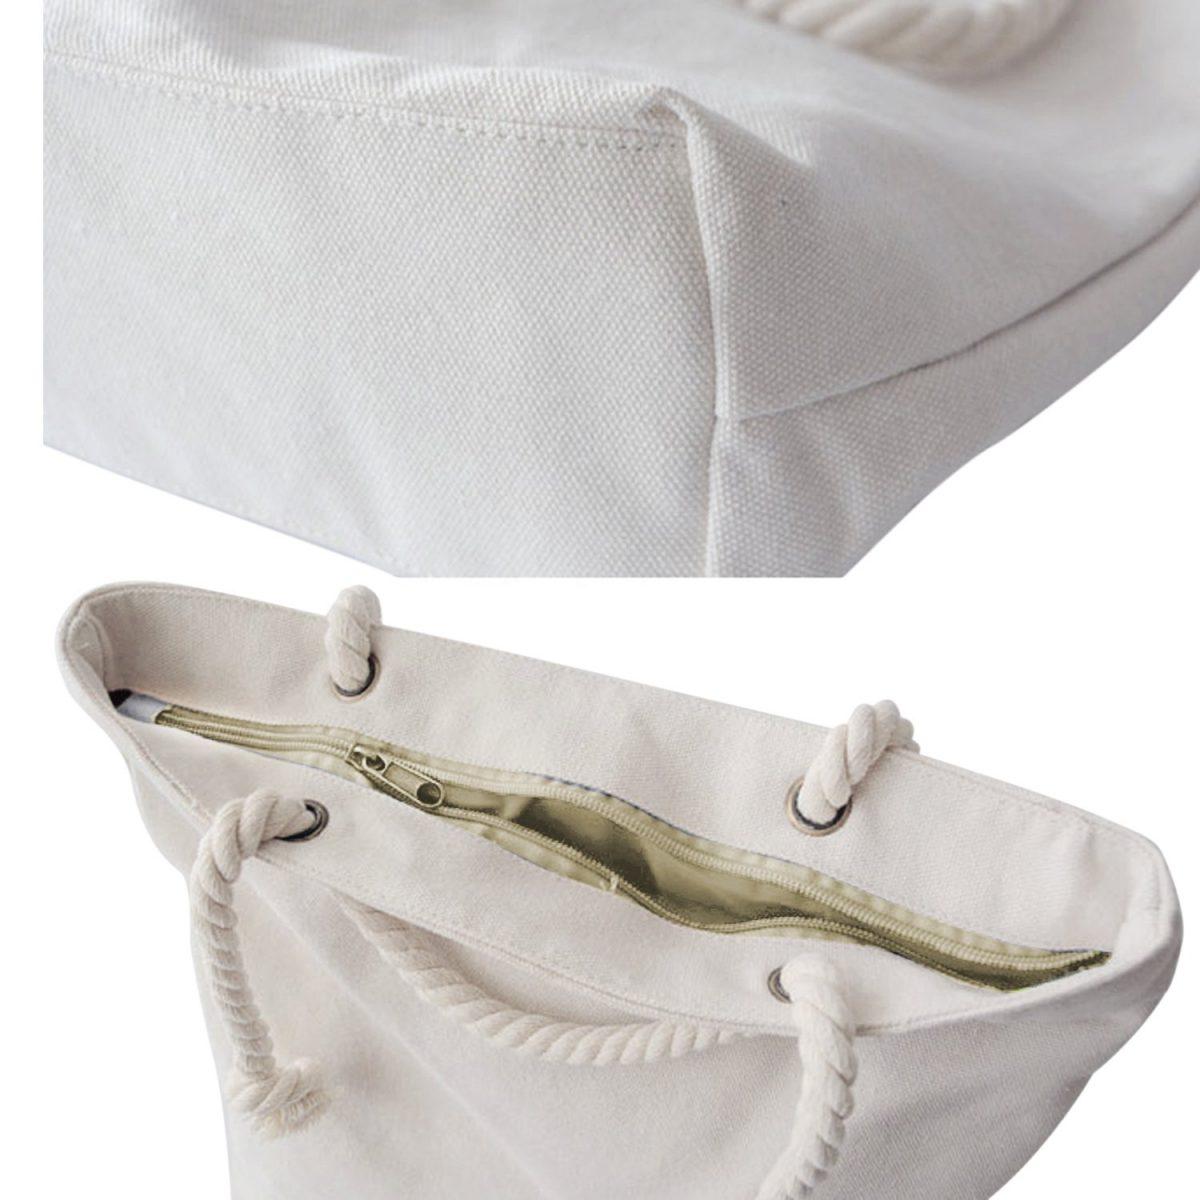 Siyah Beyaz Ekose Desenli Altın Yaldızlı Fermuarlı Kumaş Çanta Realhomes